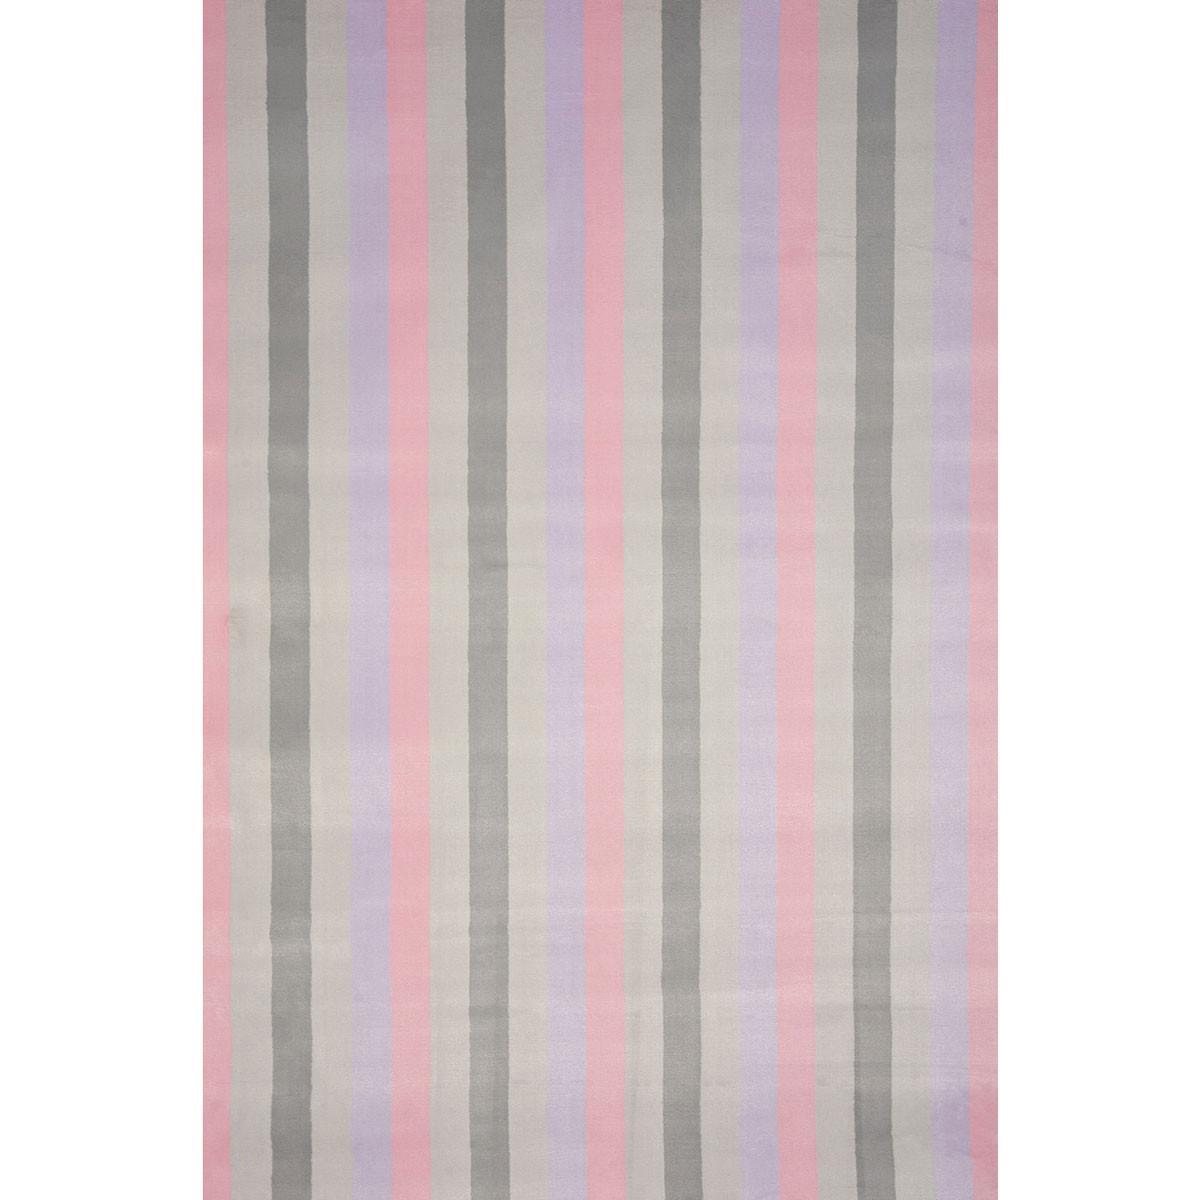 Παιδικό Χαλί (230x280) Colore Colori Healthy Pattern 7637